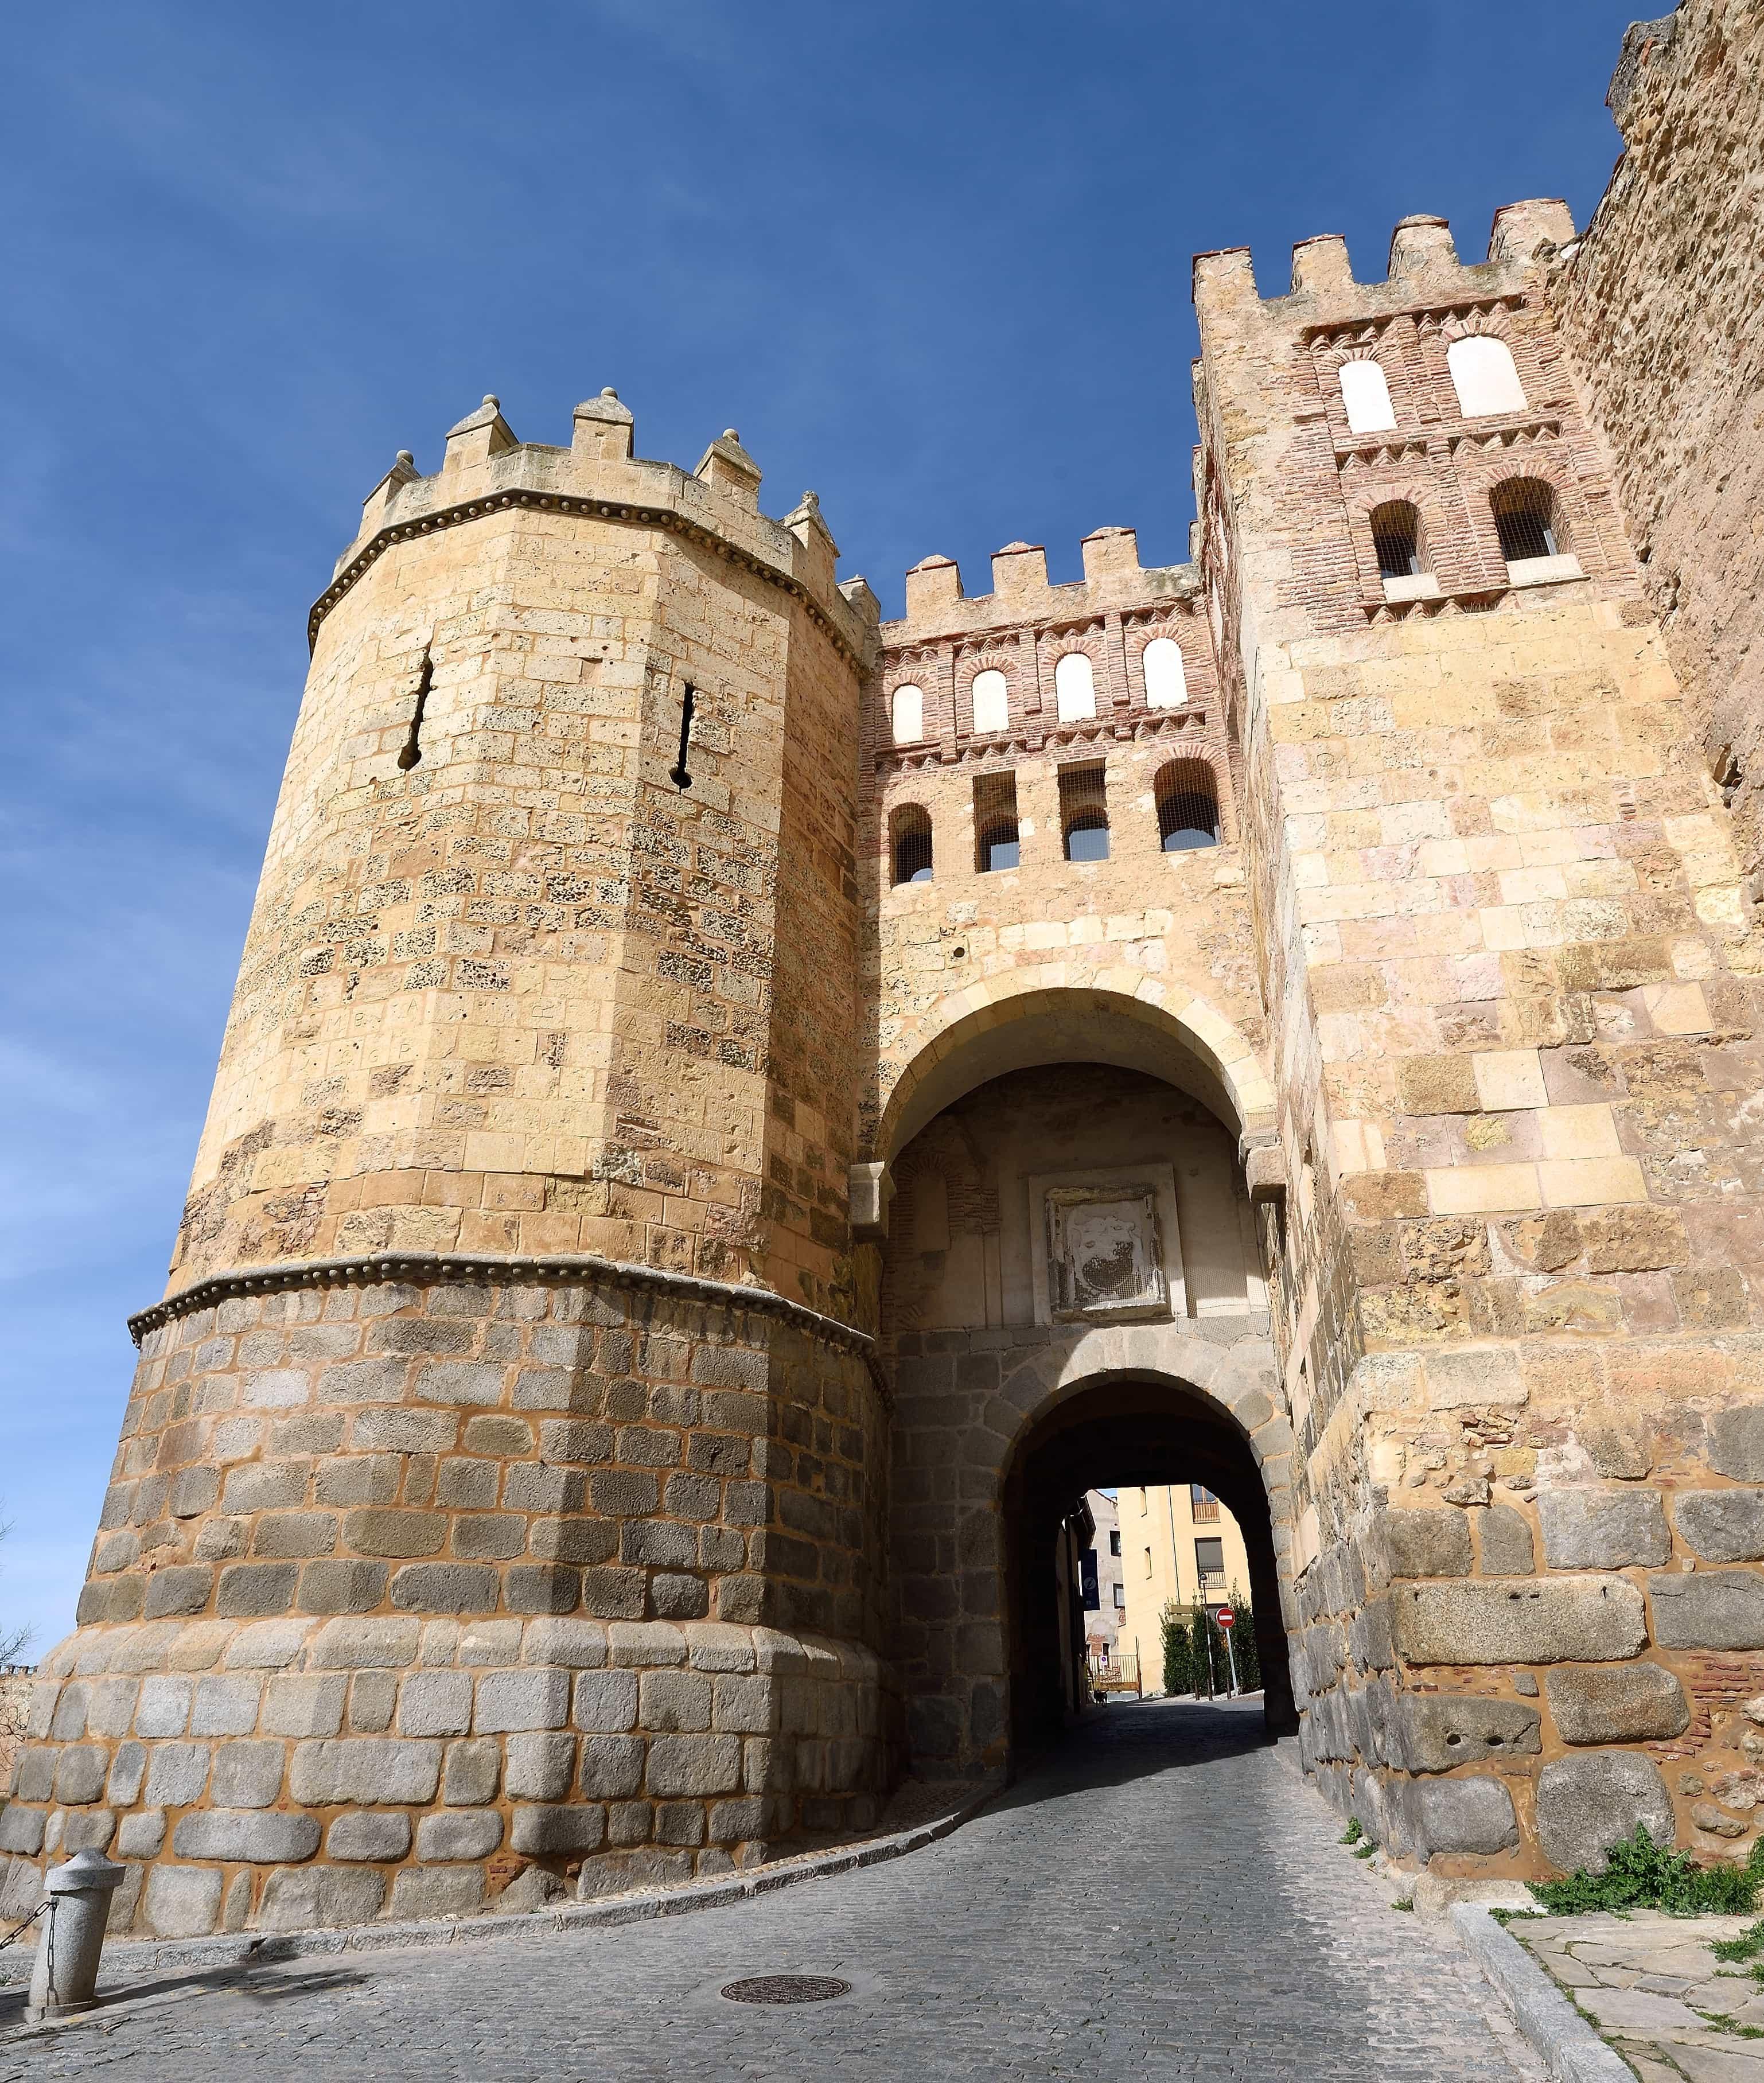 Gate of San Andres in Segovia